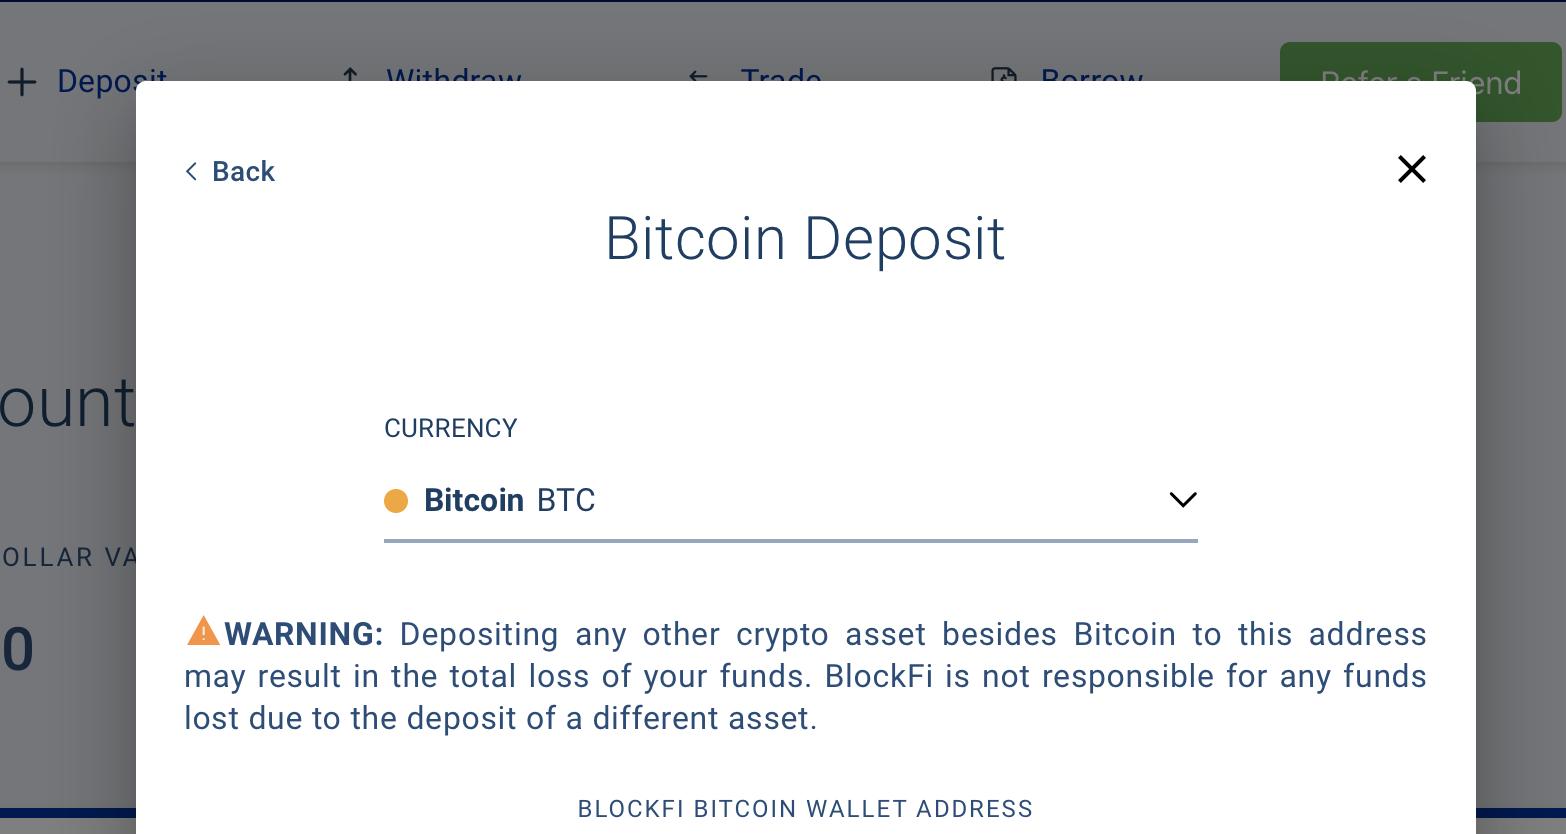 BlockFi bitcoin